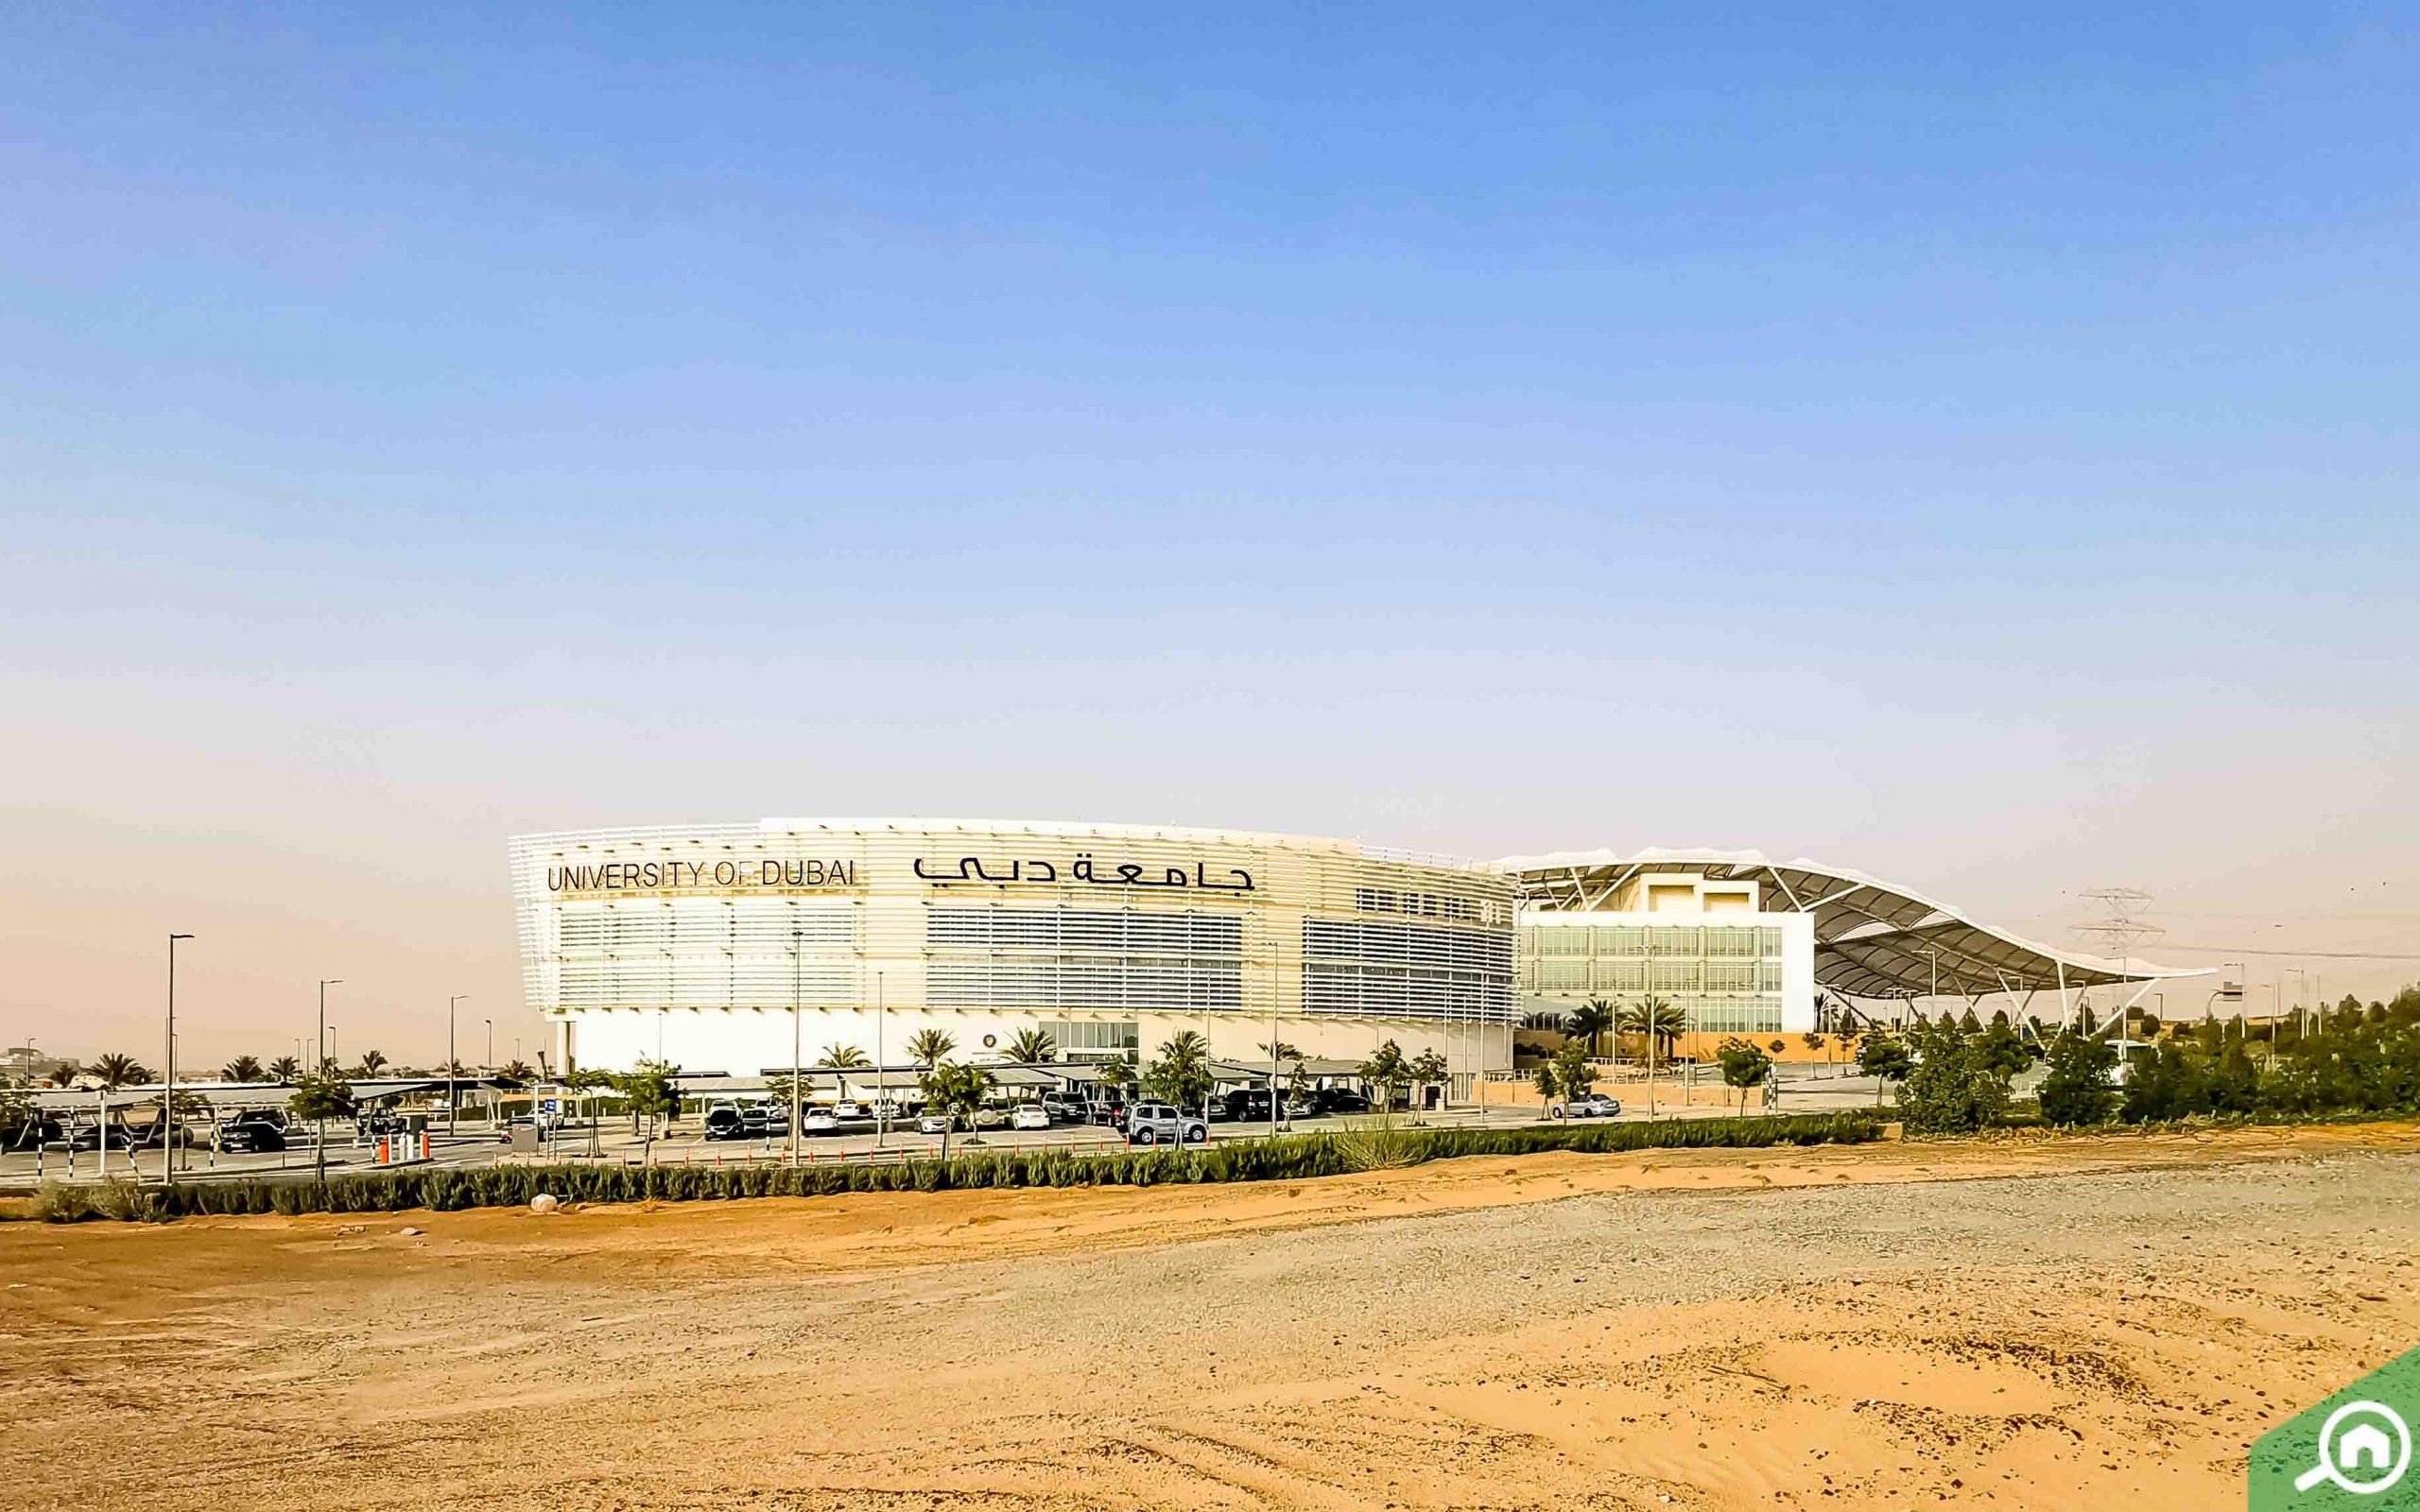 University of Dubai near La Quinta Dubailand